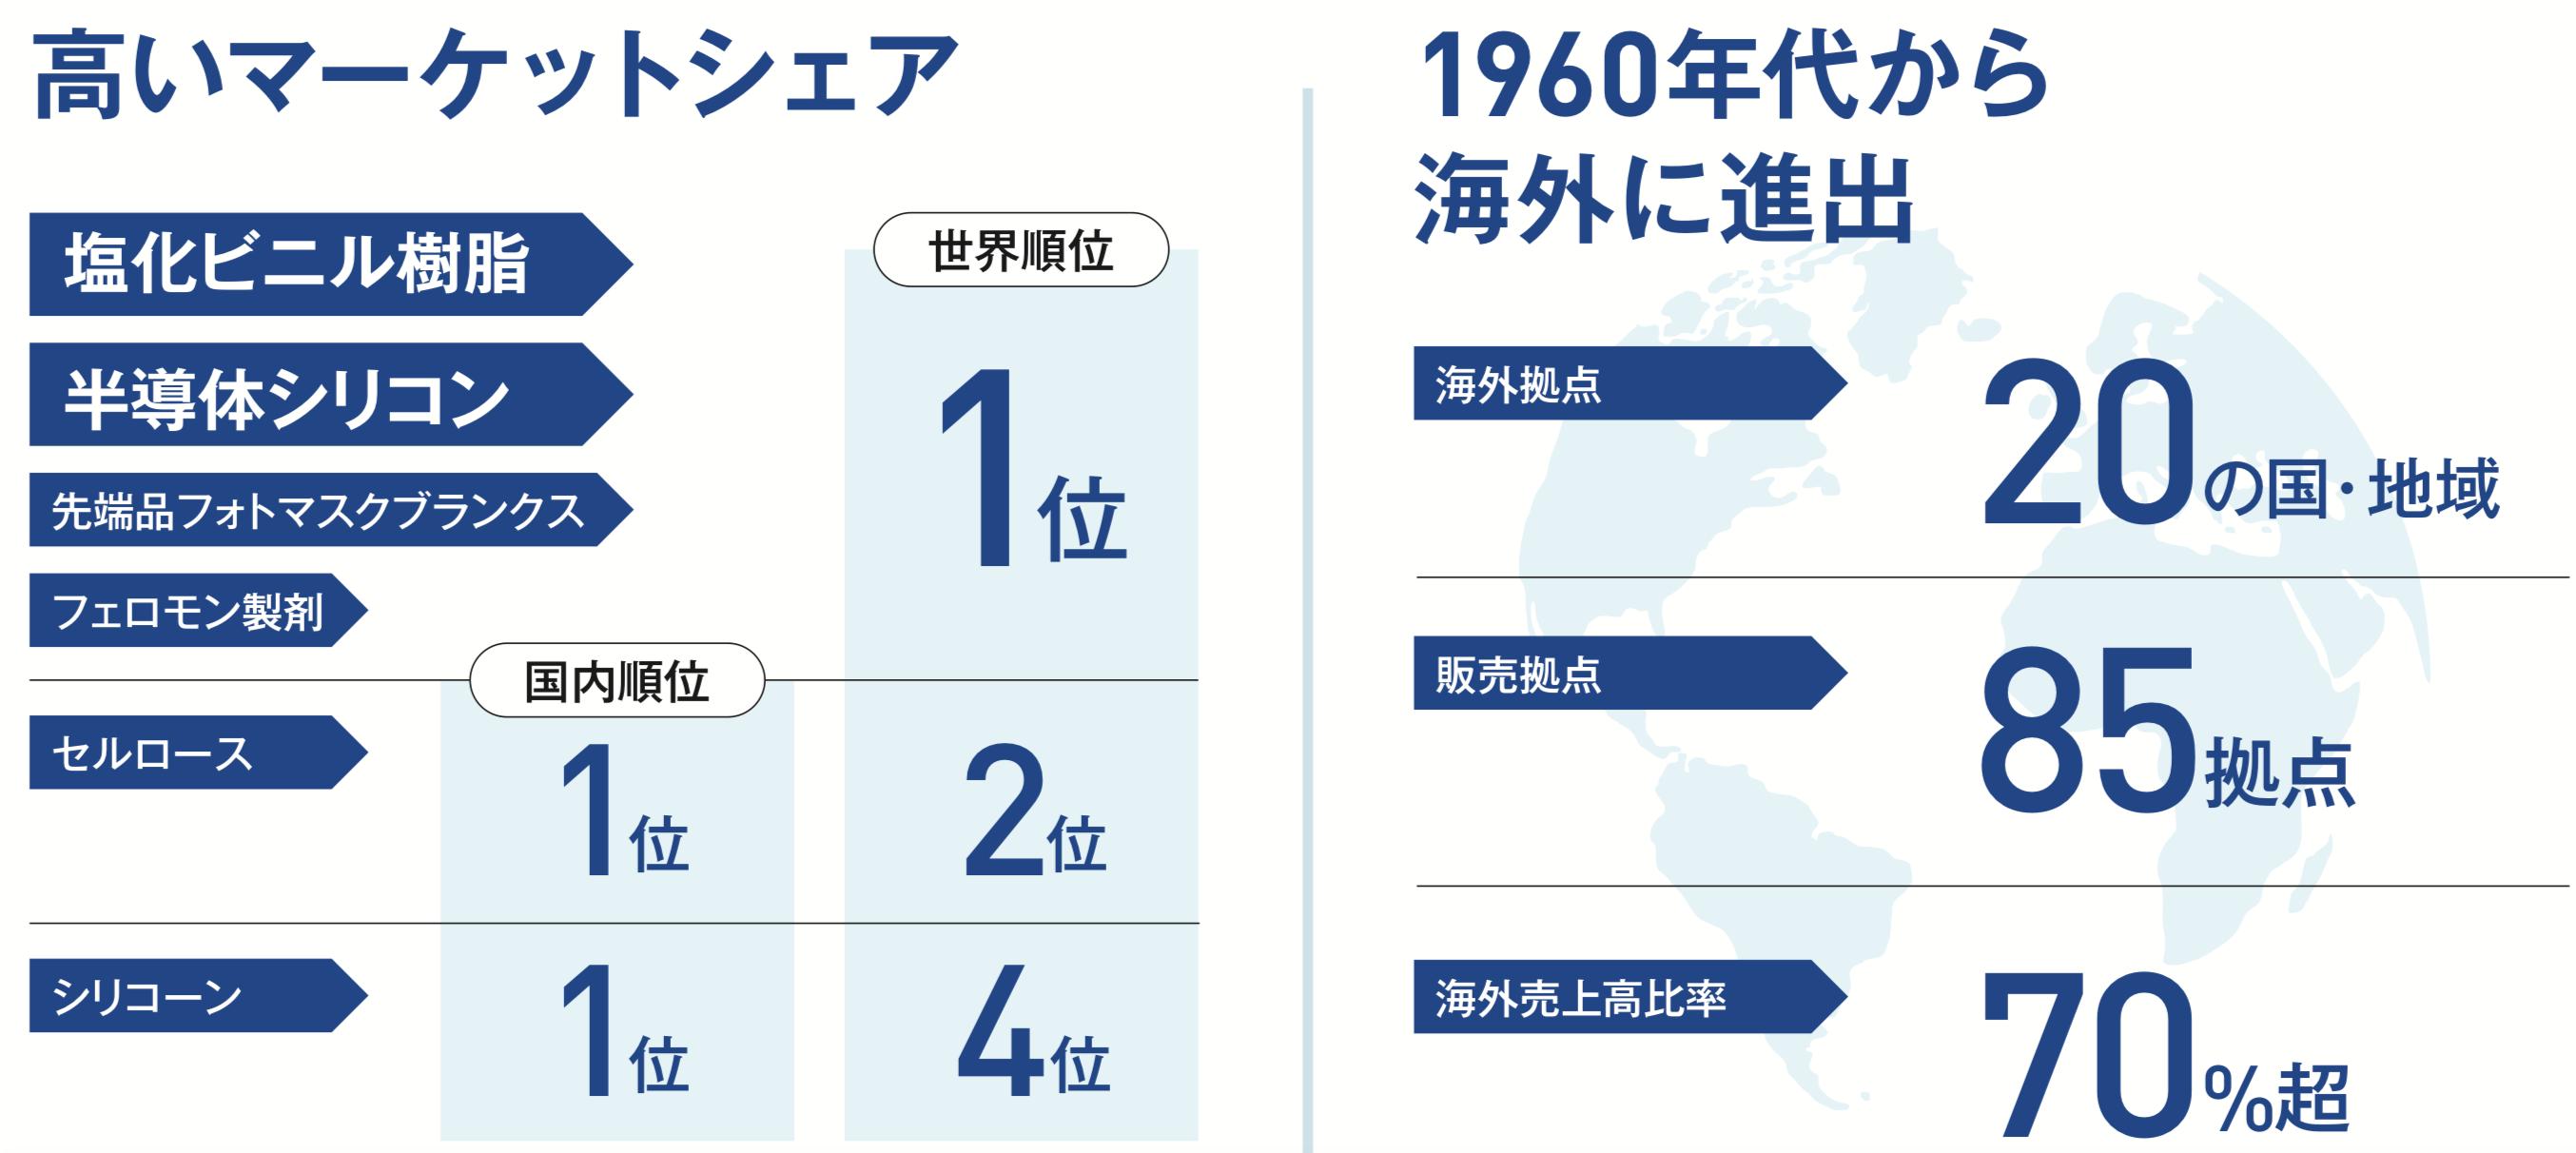 信越化学工業 高いマーケットシェア 1960年代から海外に進出